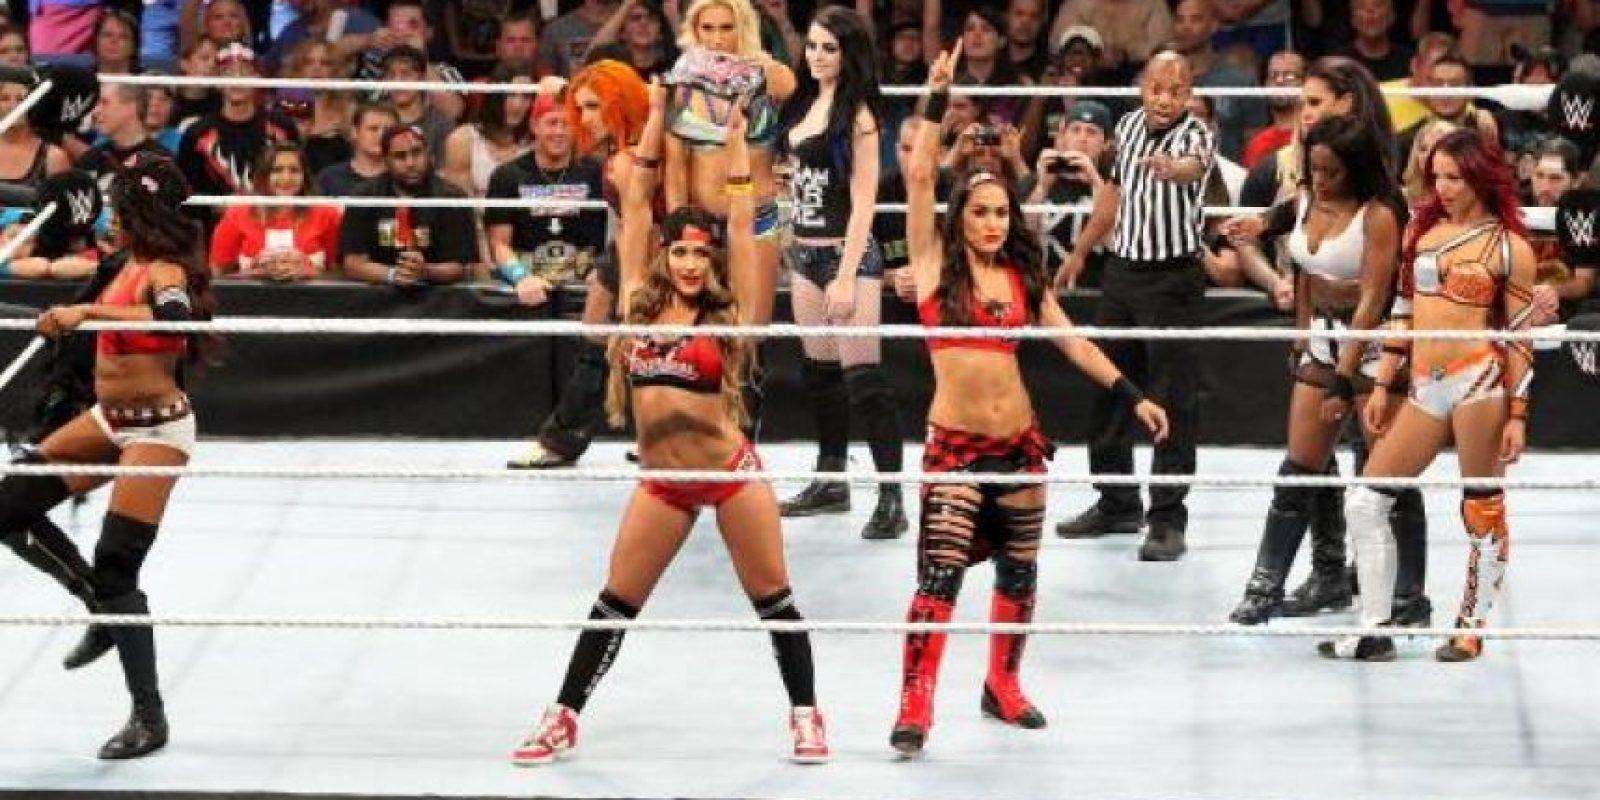 Las divas tendrán una triple amenaza Foto:WWE